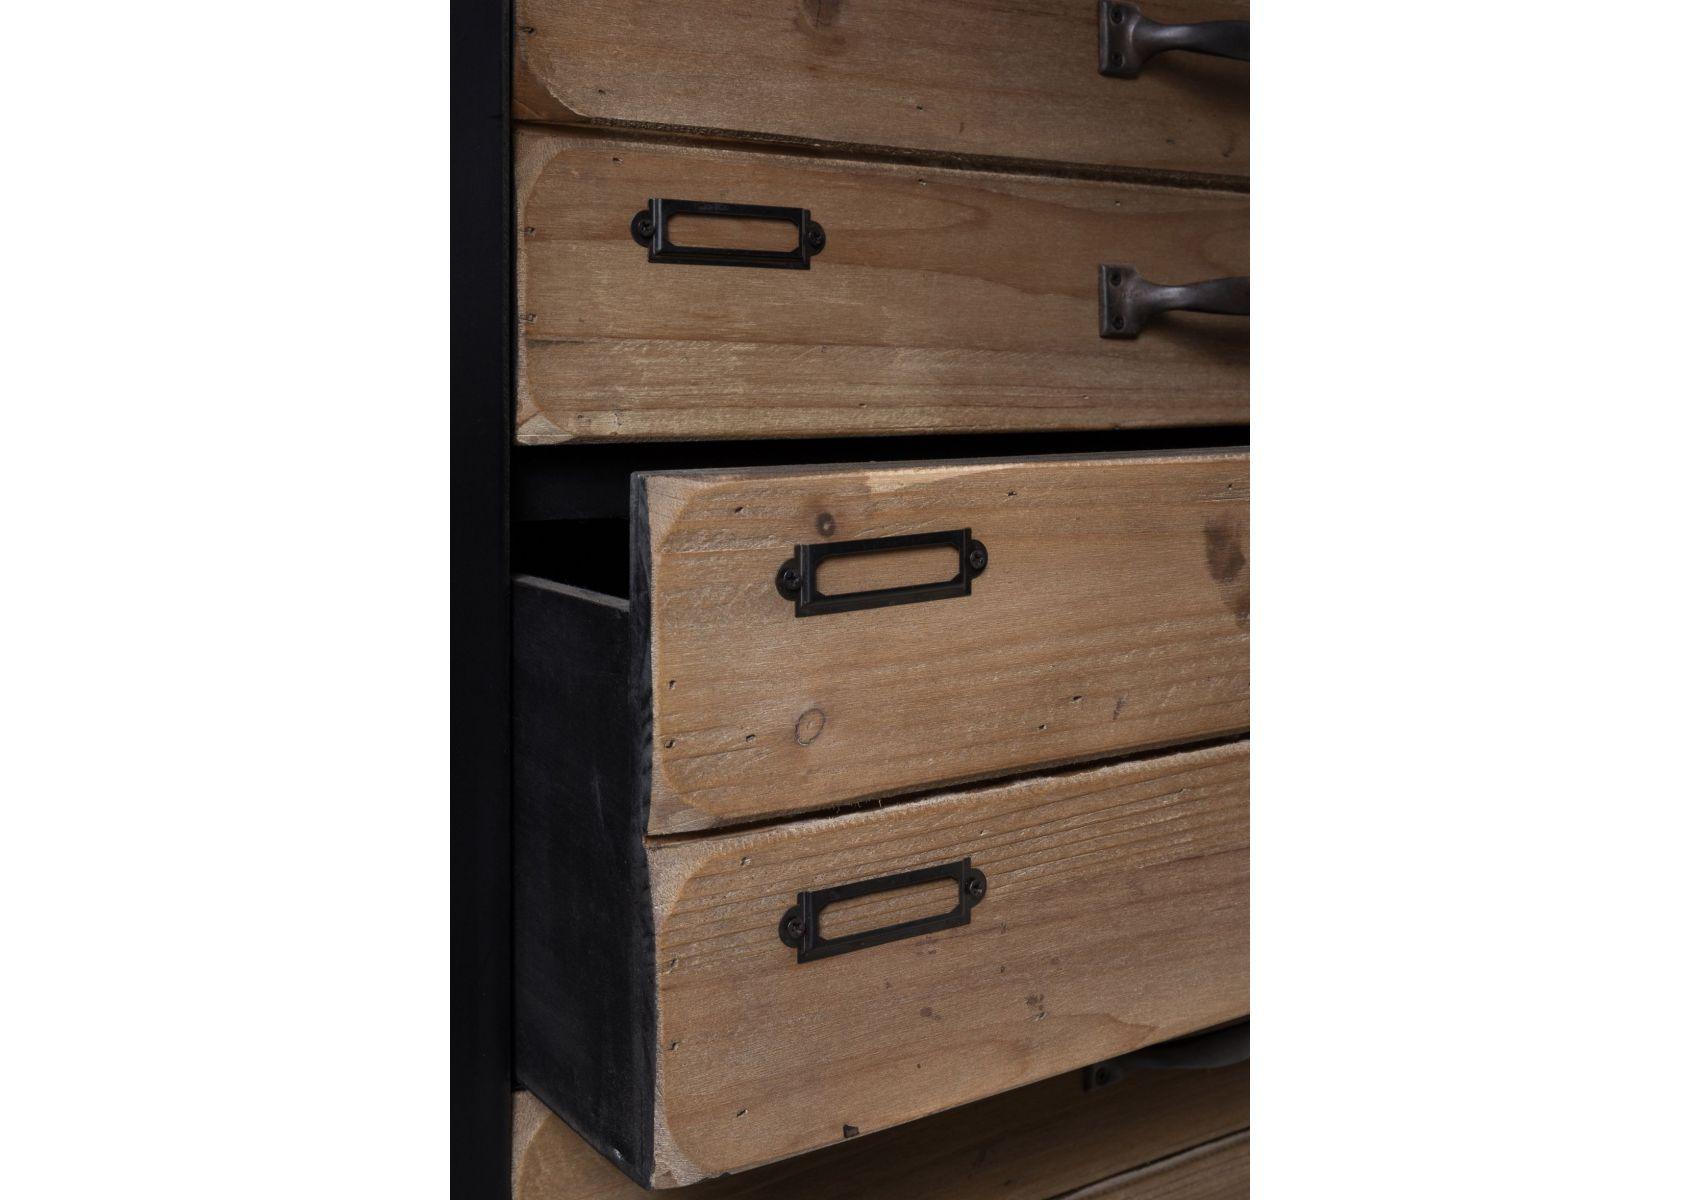 meuble industriel vintage petit mod le de la collection. Black Bedroom Furniture Sets. Home Design Ideas